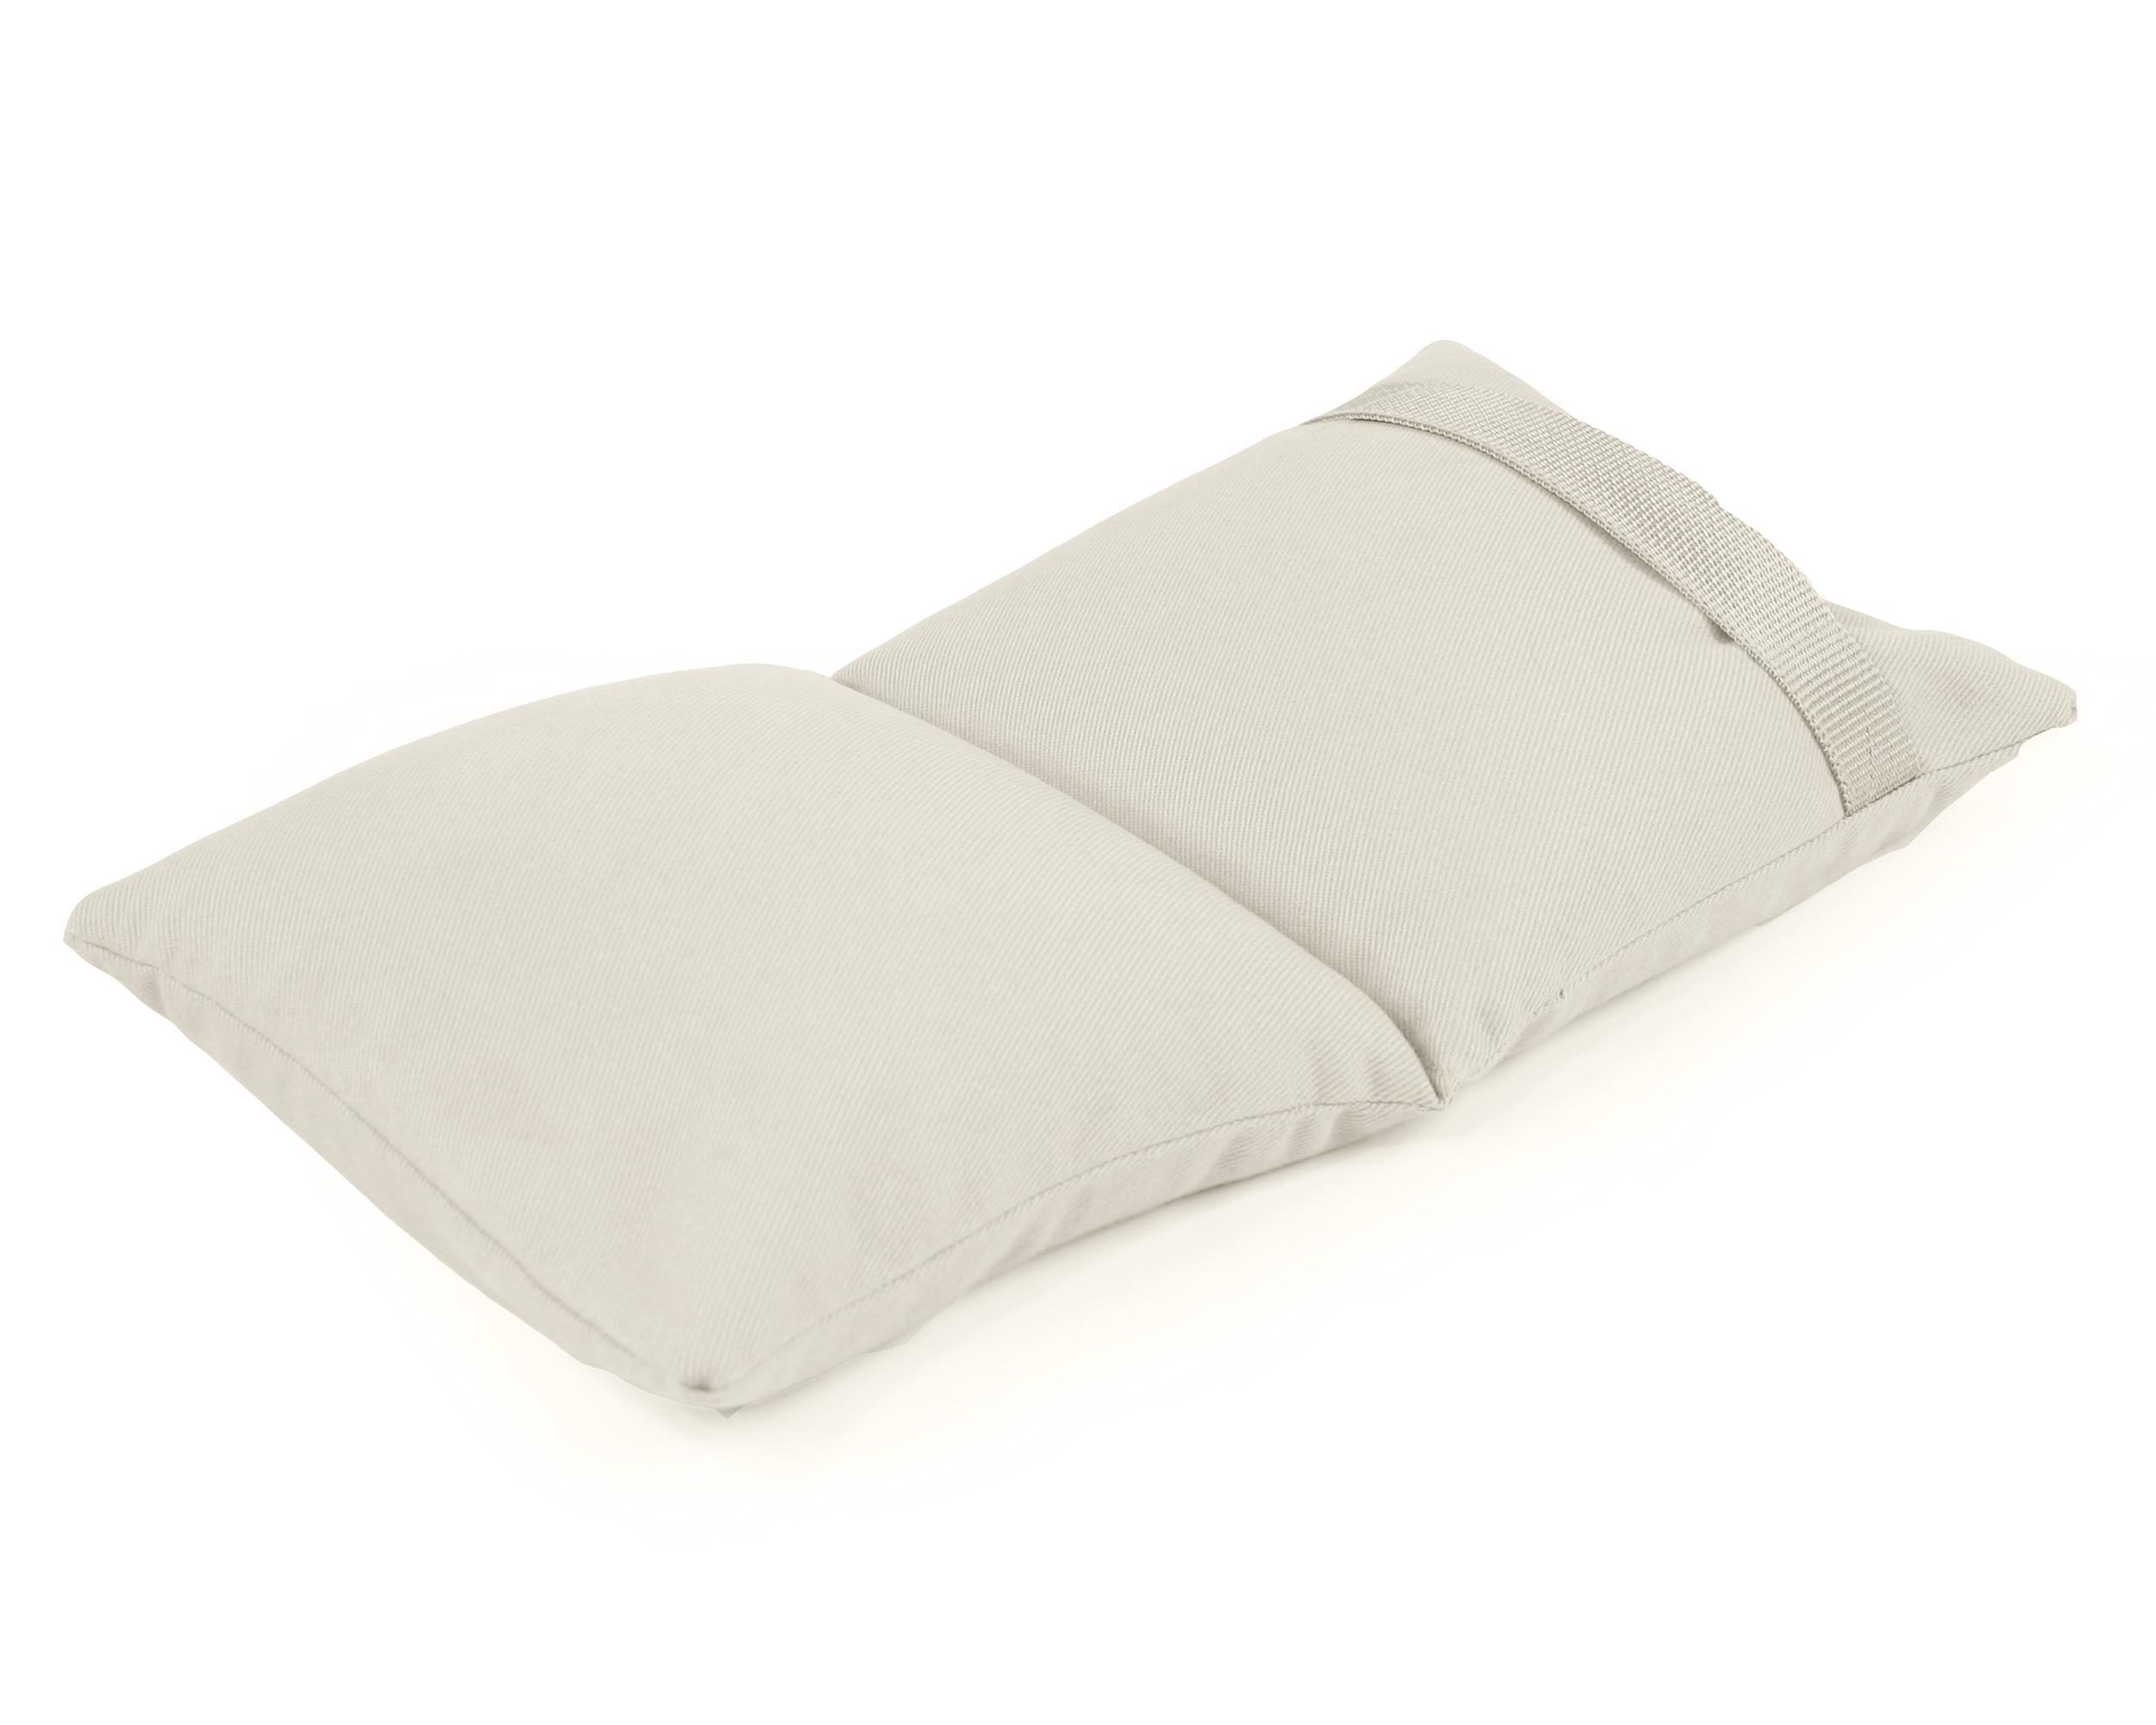 Yoga sandbag balanced